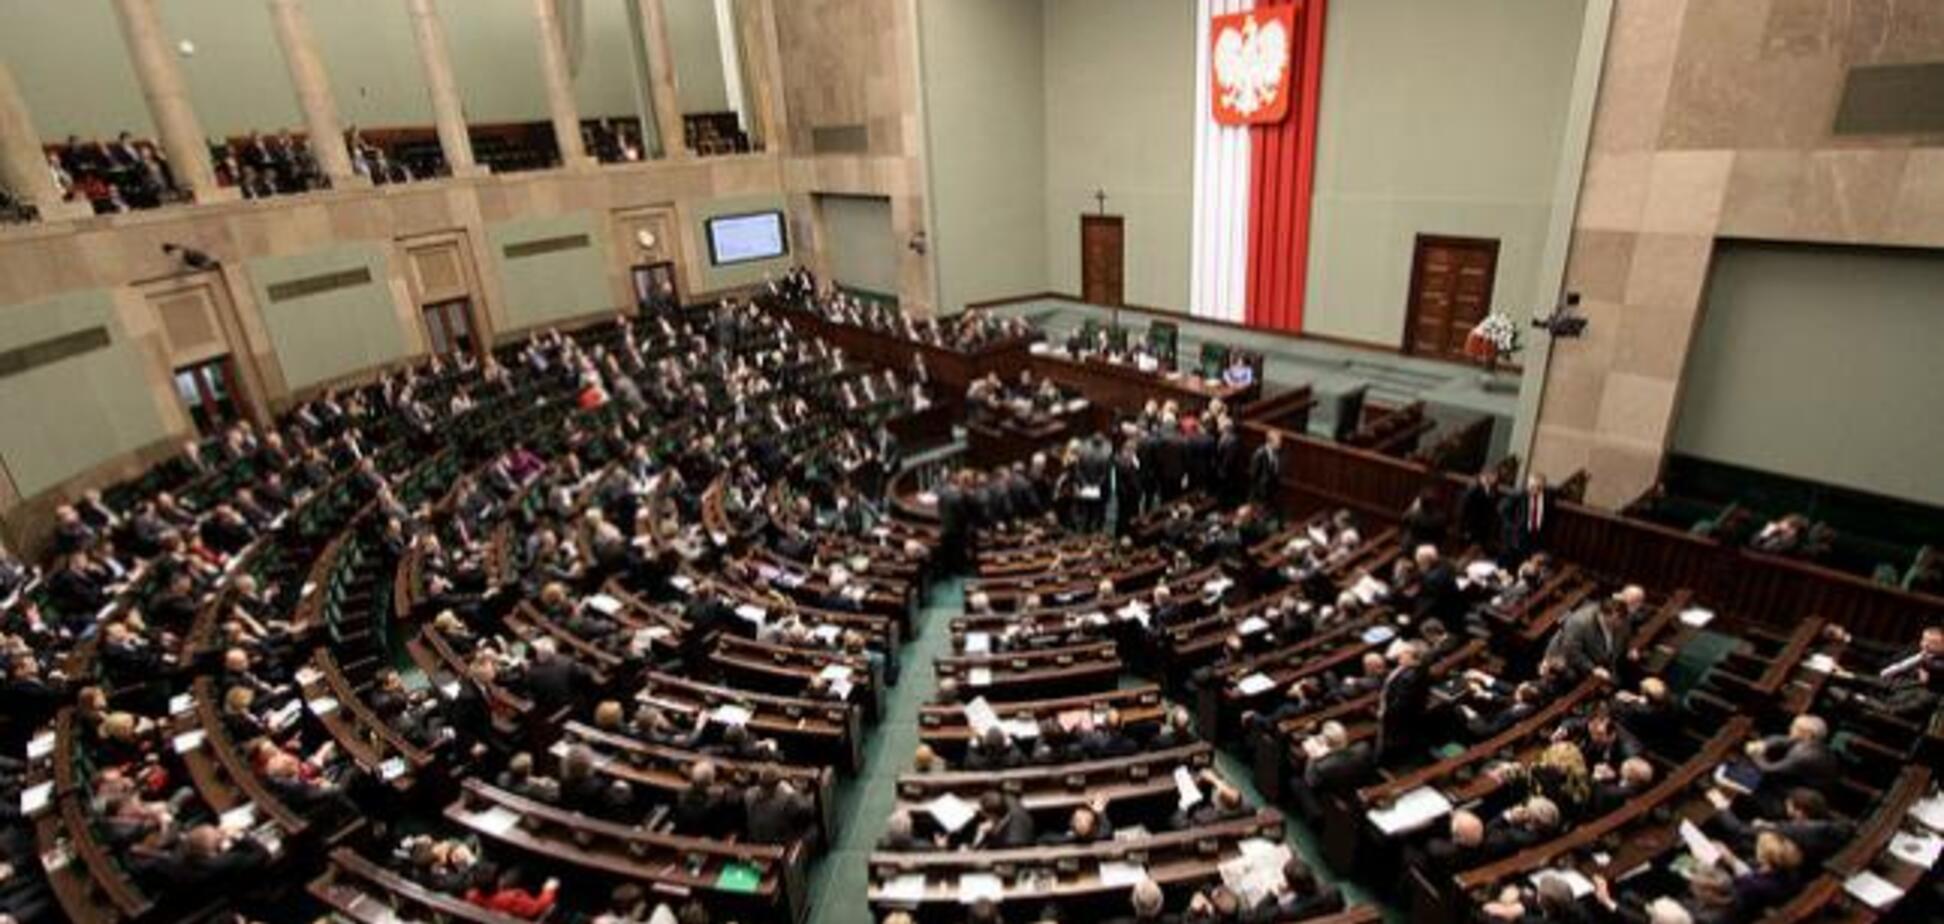 Ссора с Украиной: польский парламент вызвал правительство 'на ковер'